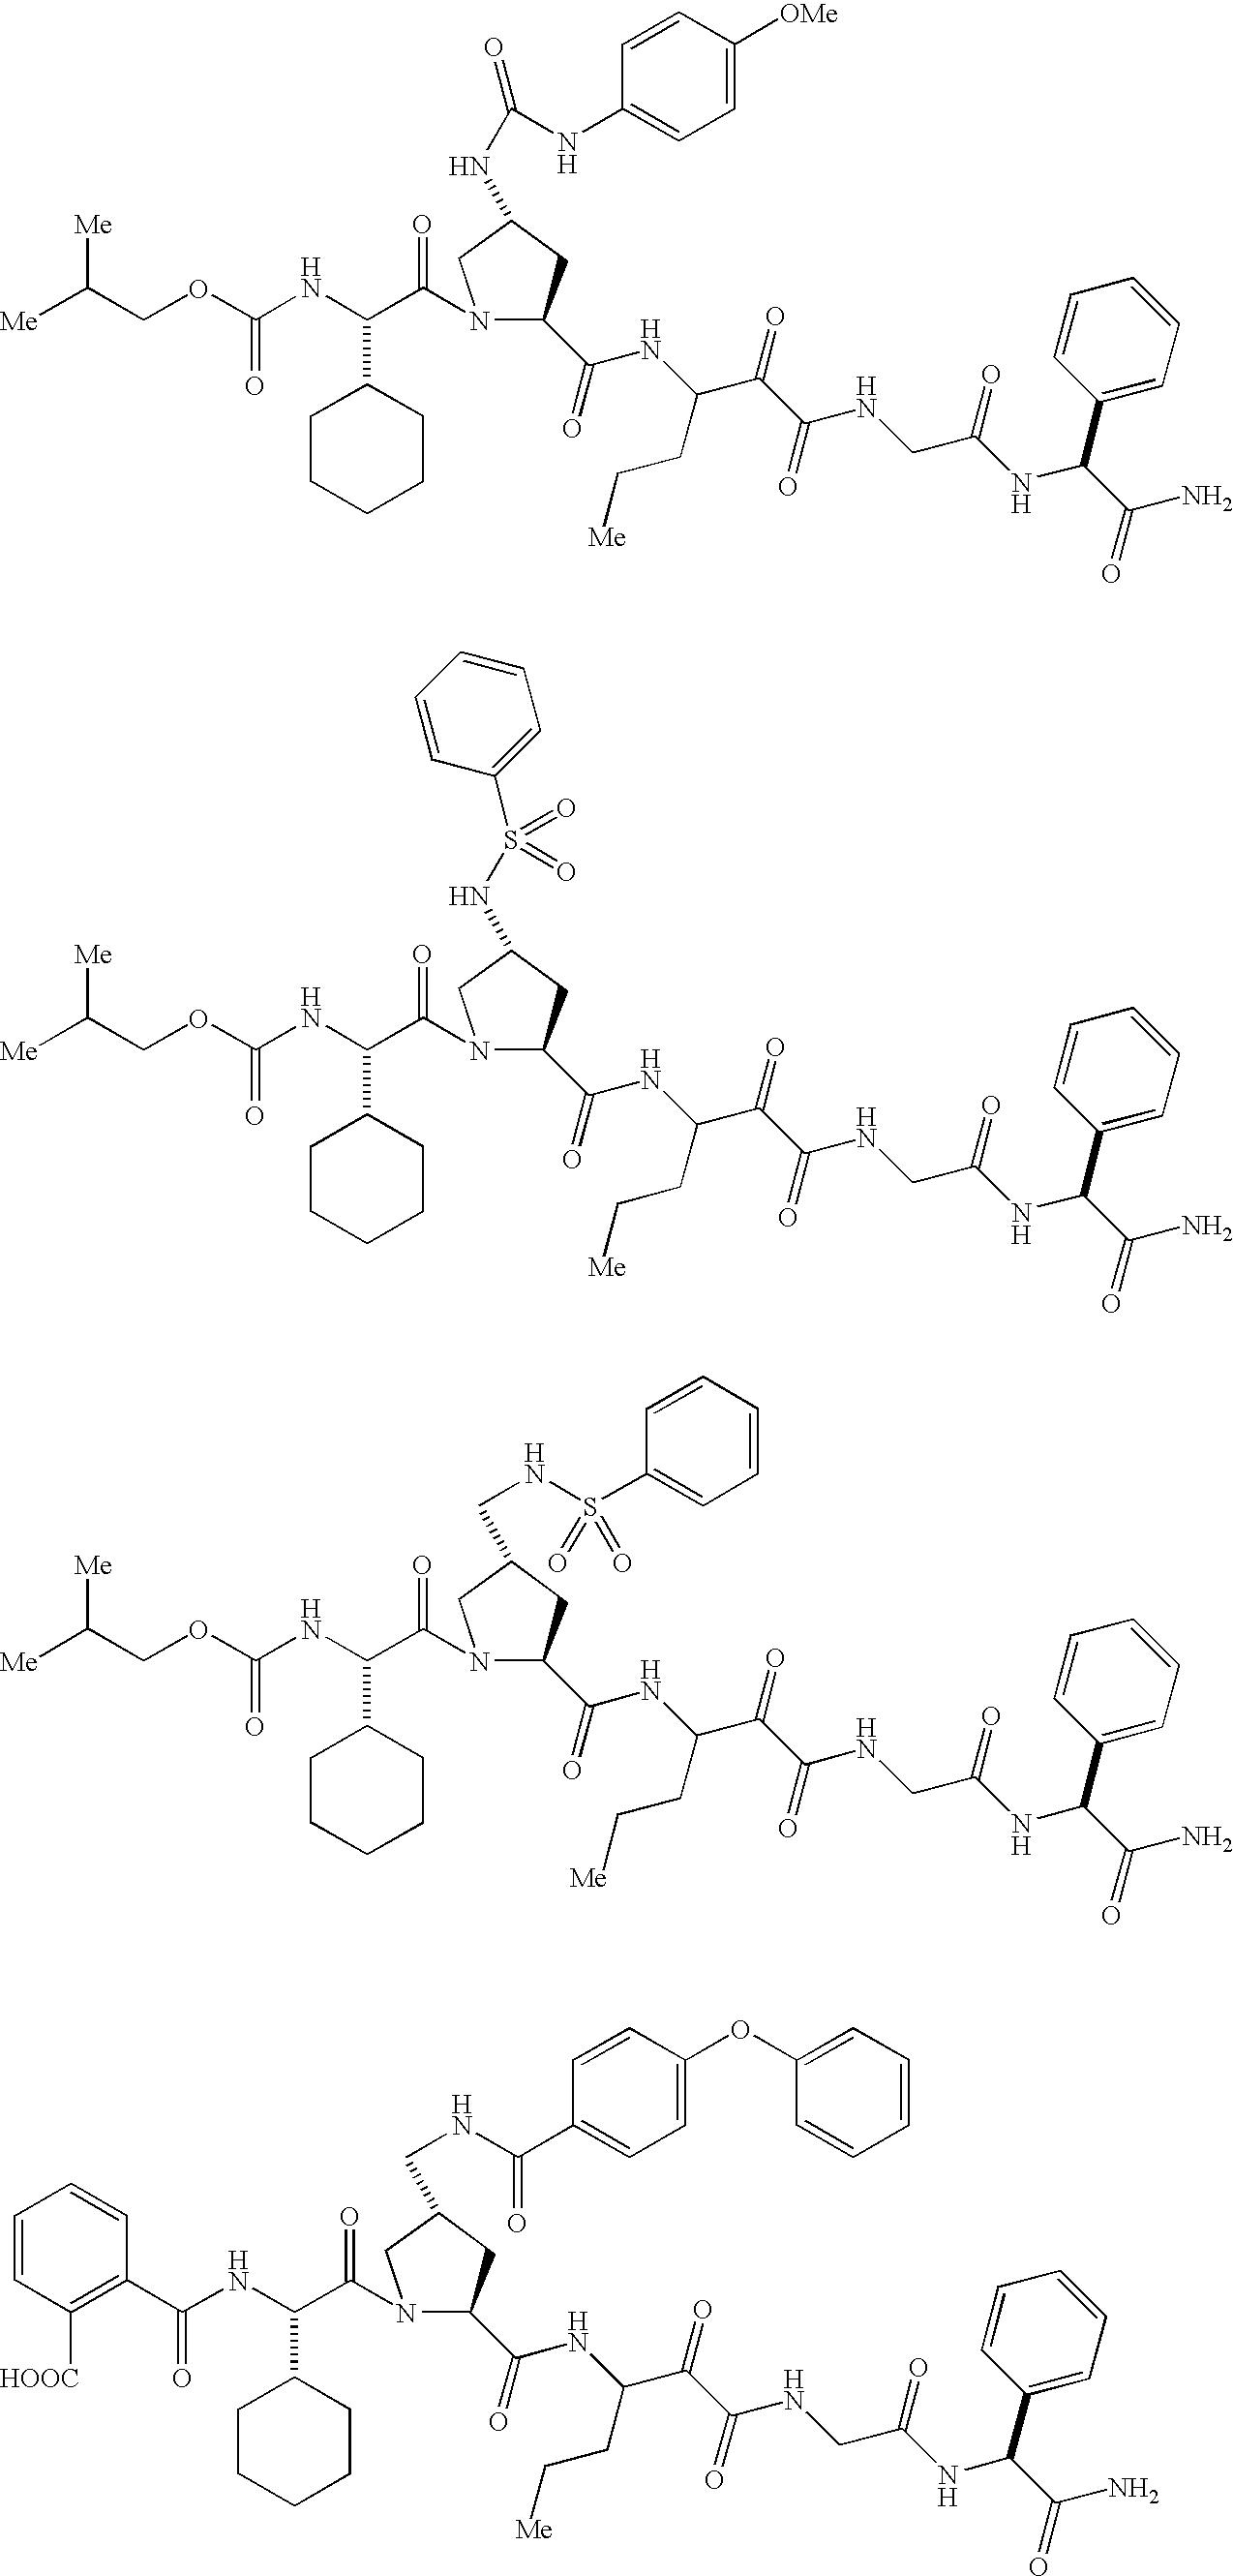 Figure US20060287248A1-20061221-C00106